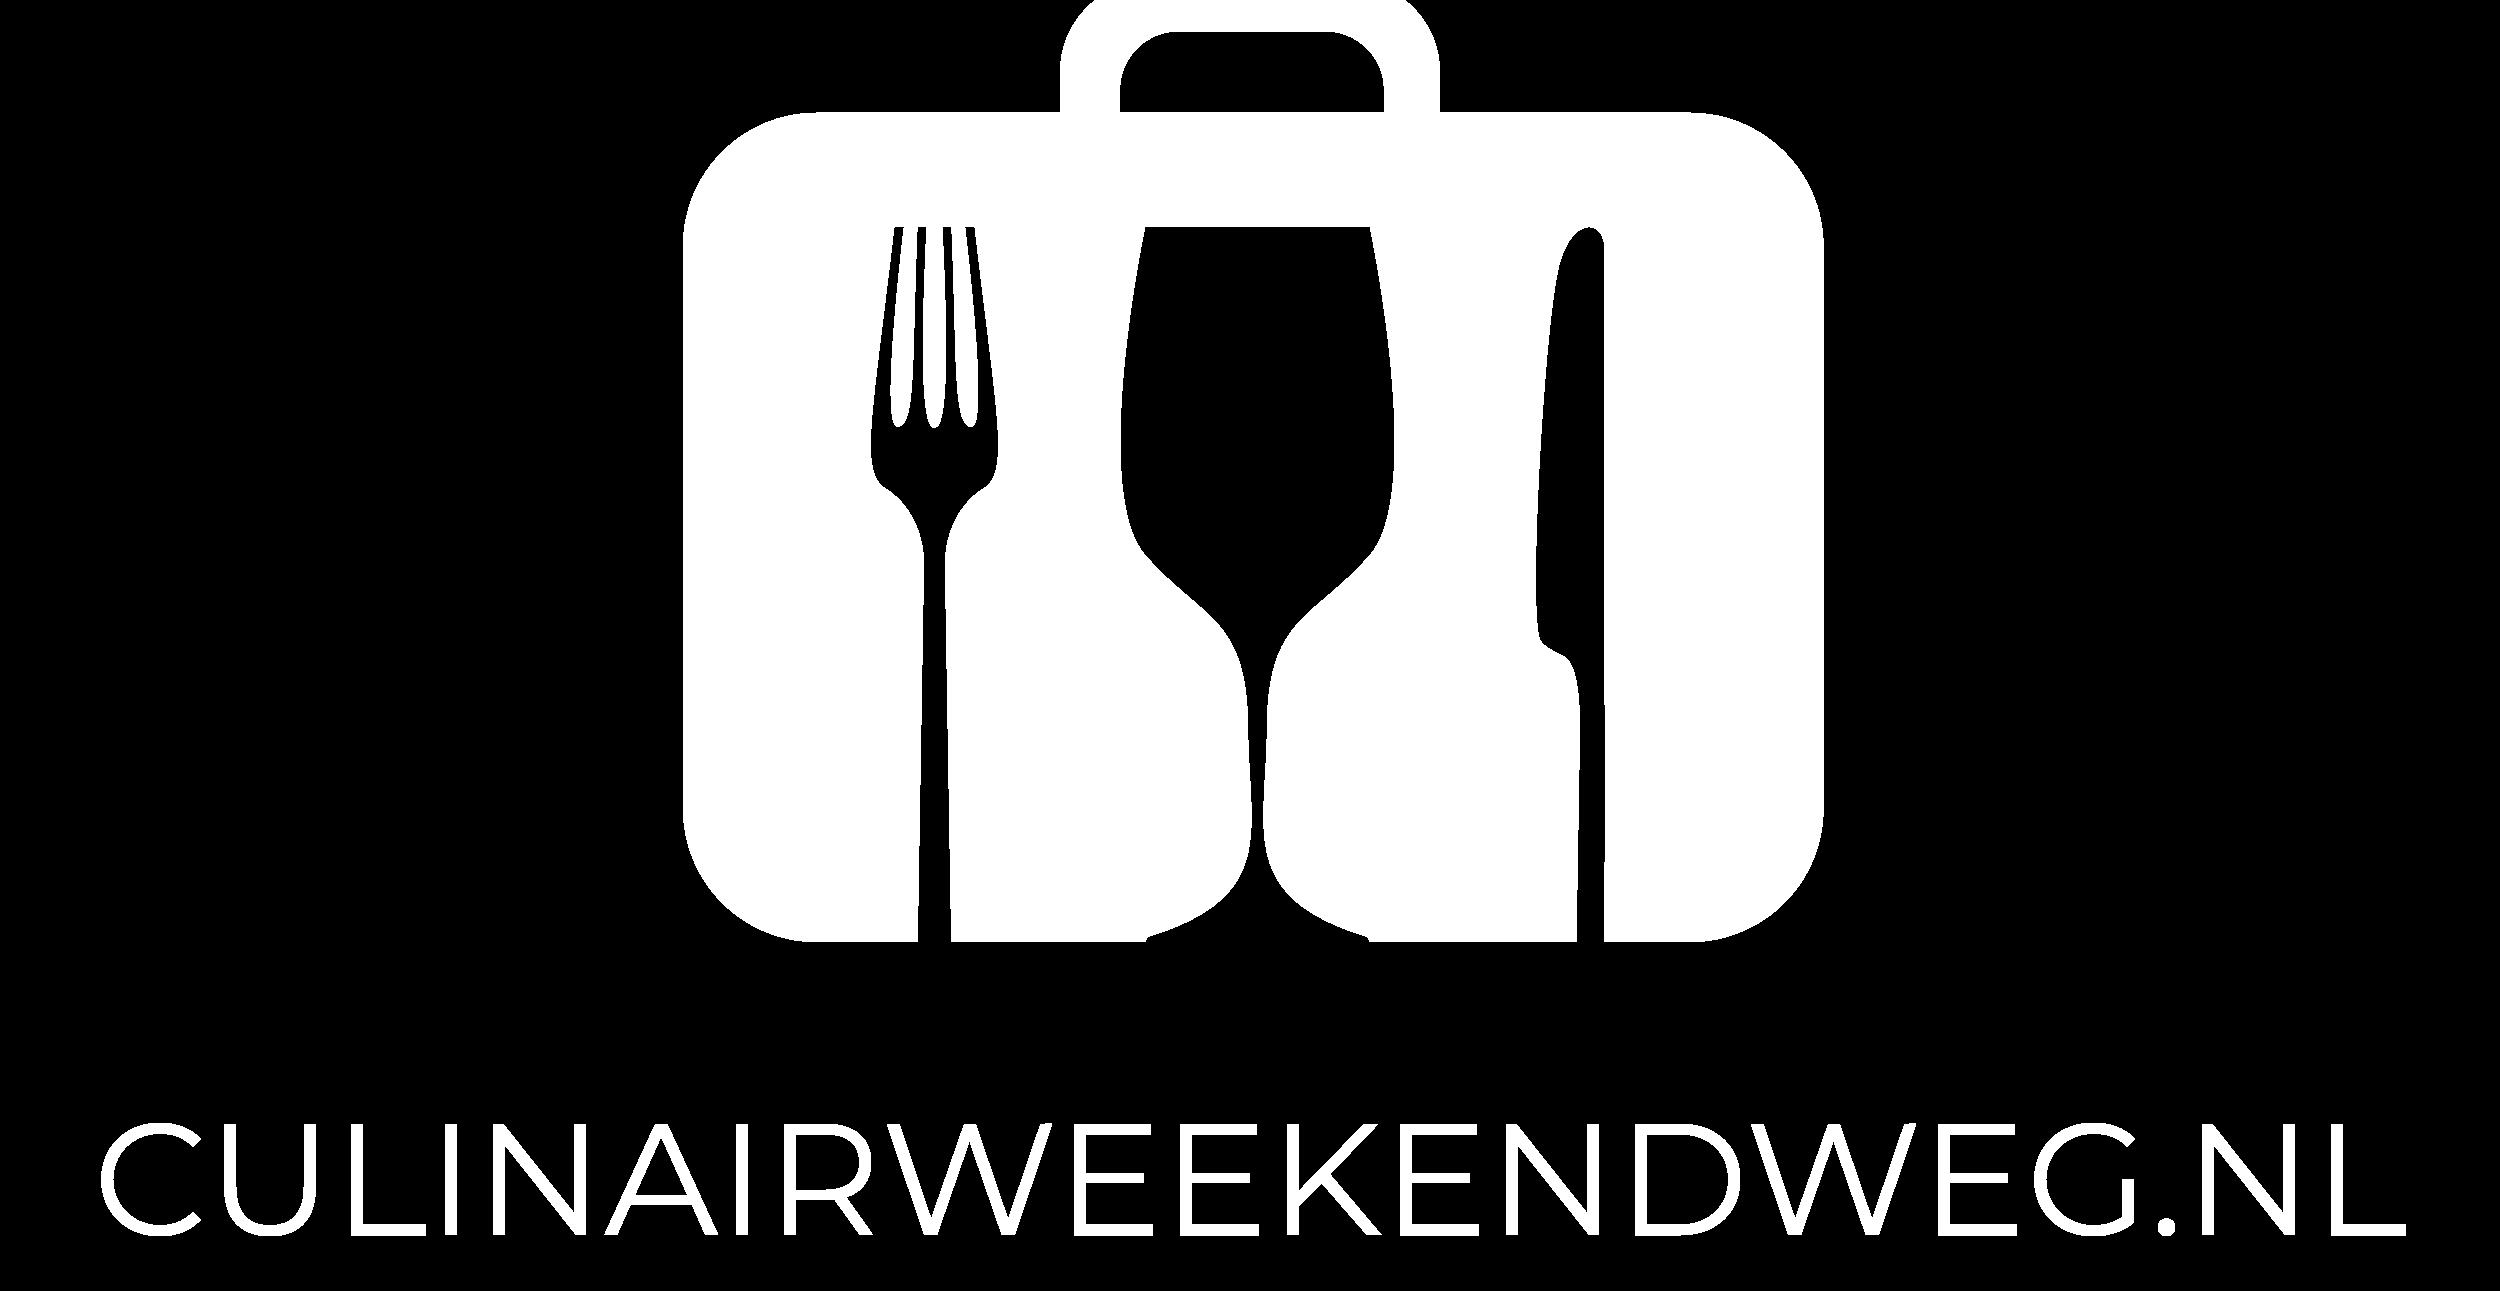 Culinairweekendweg.nl